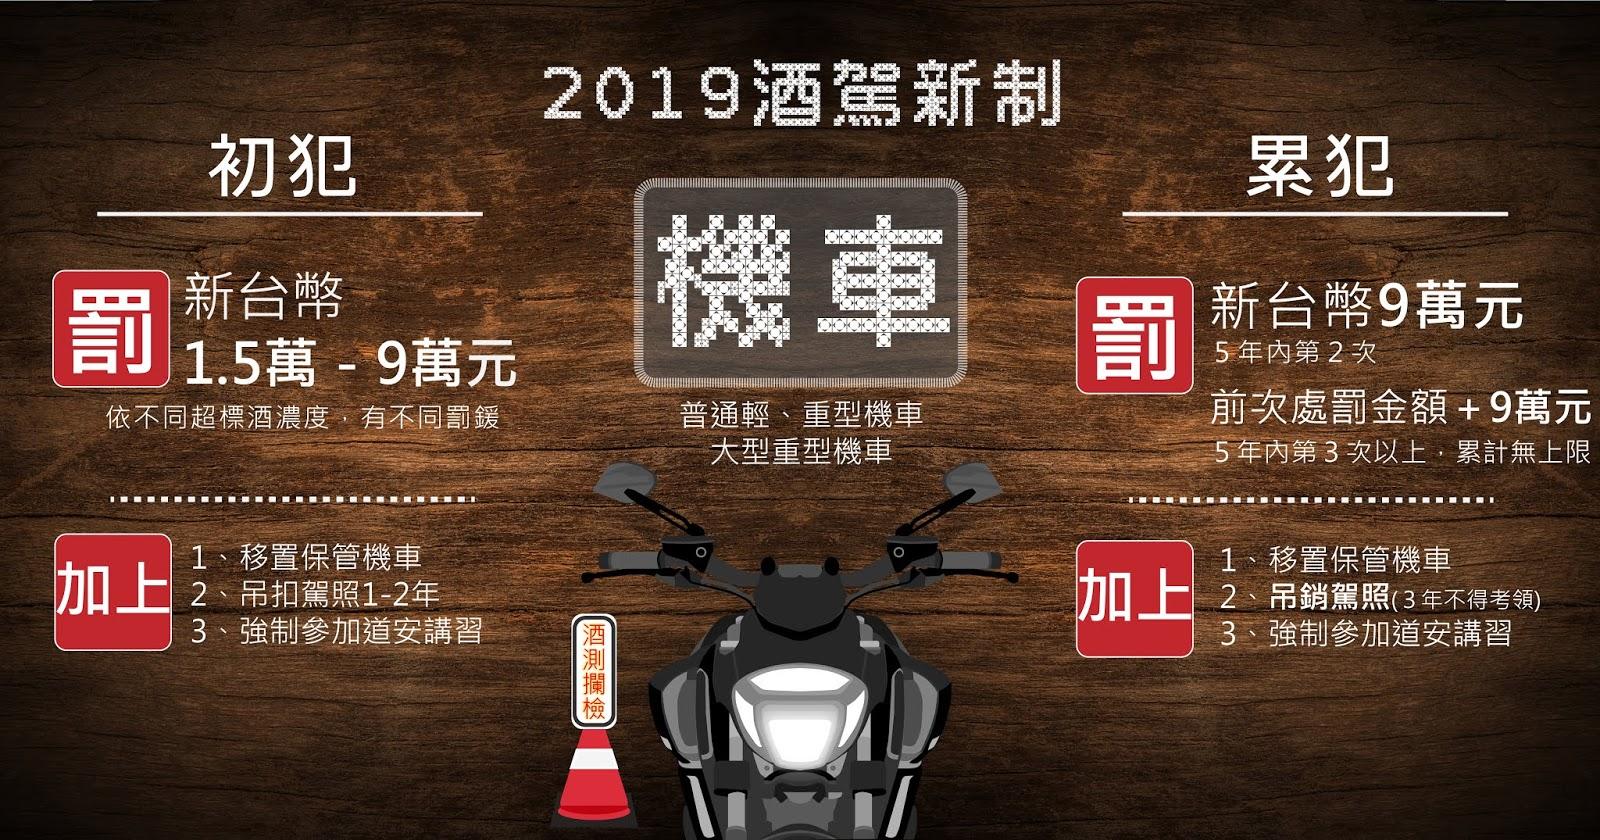 2019酒駕新制-機車罰鍰金額,初犯、累犯,不同酒駕罰鍰